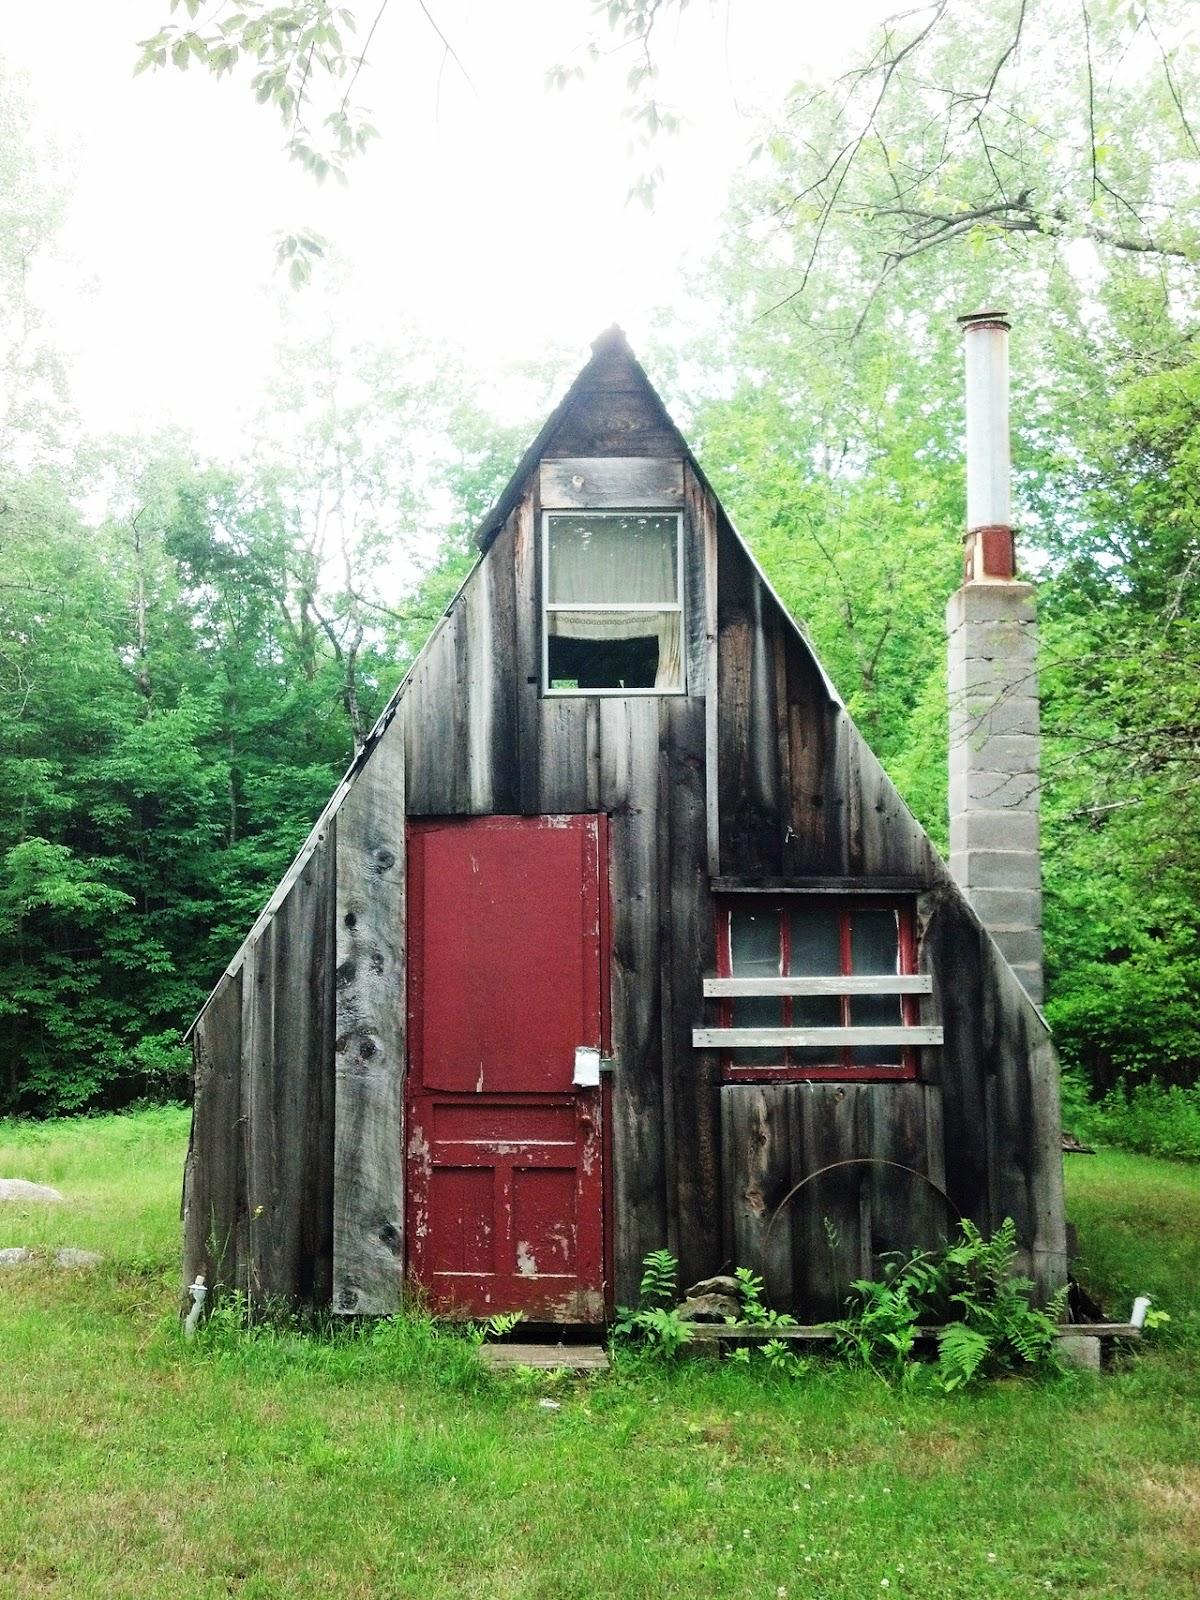 A Frame Cabin Contemporary House Plan 90603: Moon To Moon: Cabin Porn